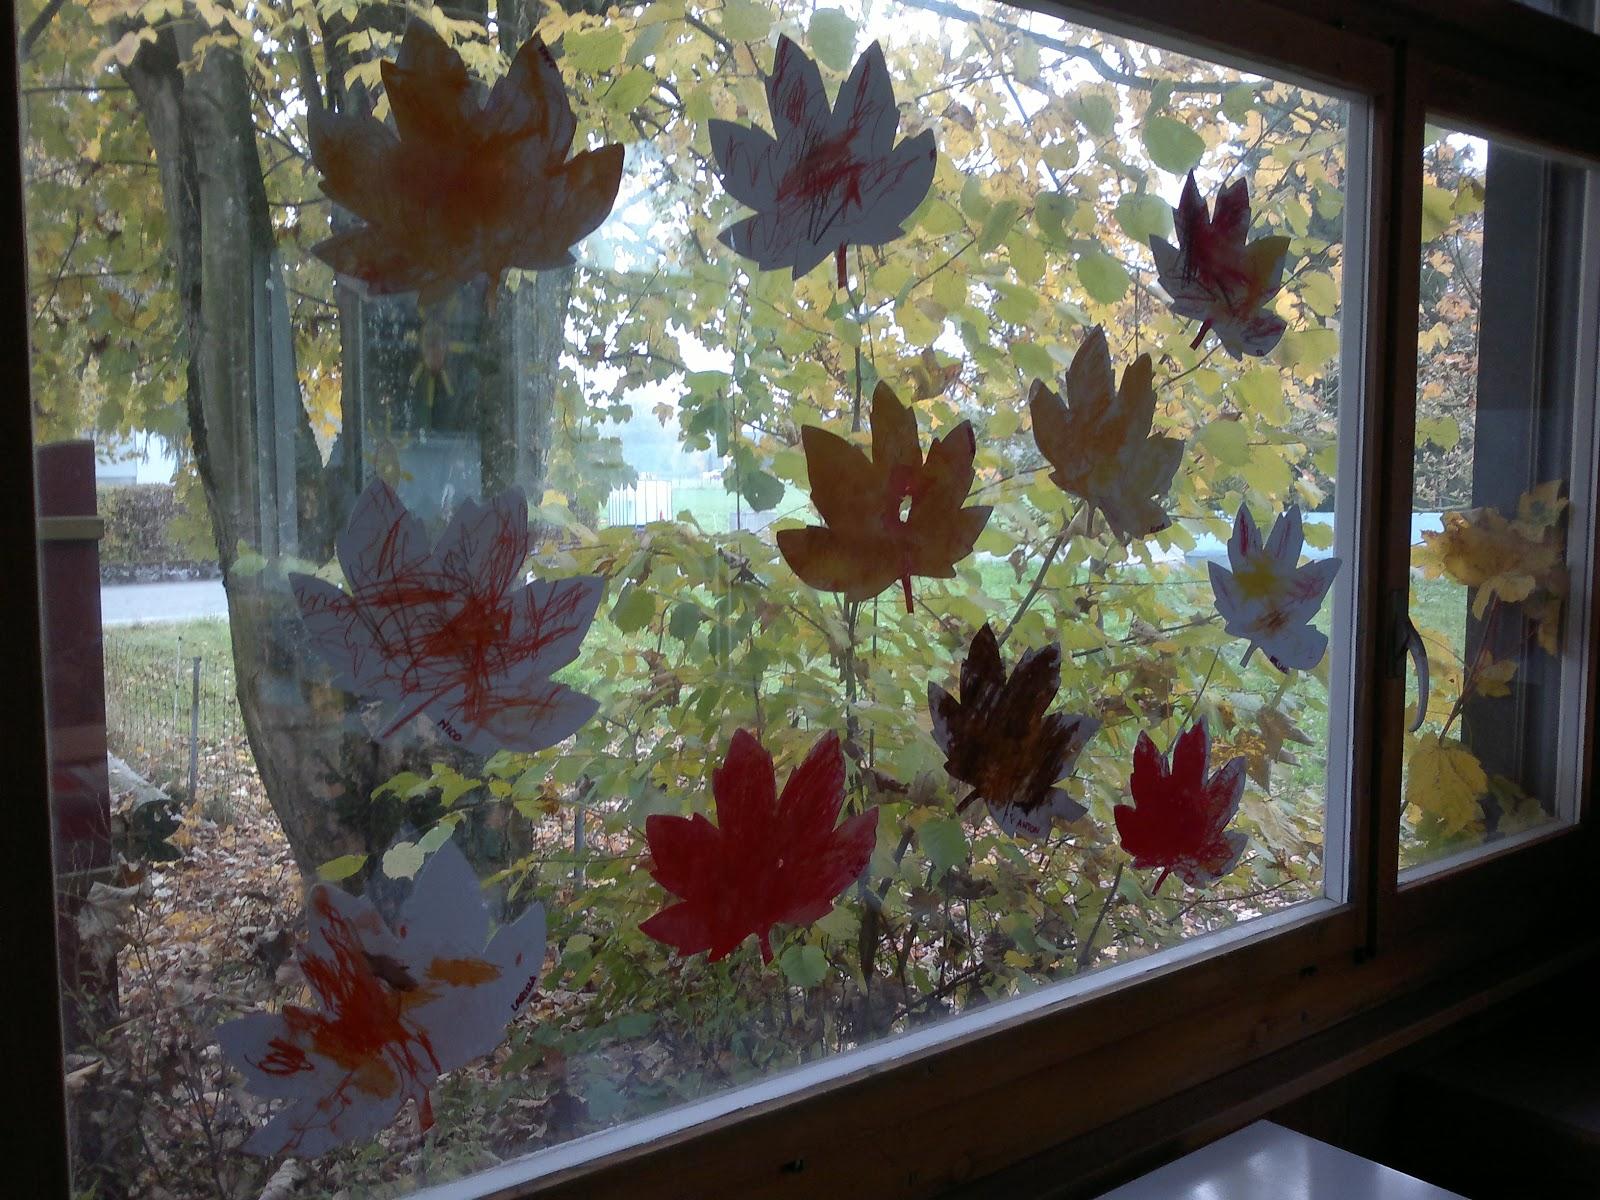 Geschichten aus der spielgruppe herbstbasteleien for Herbstbasteleien mit kindern basteln